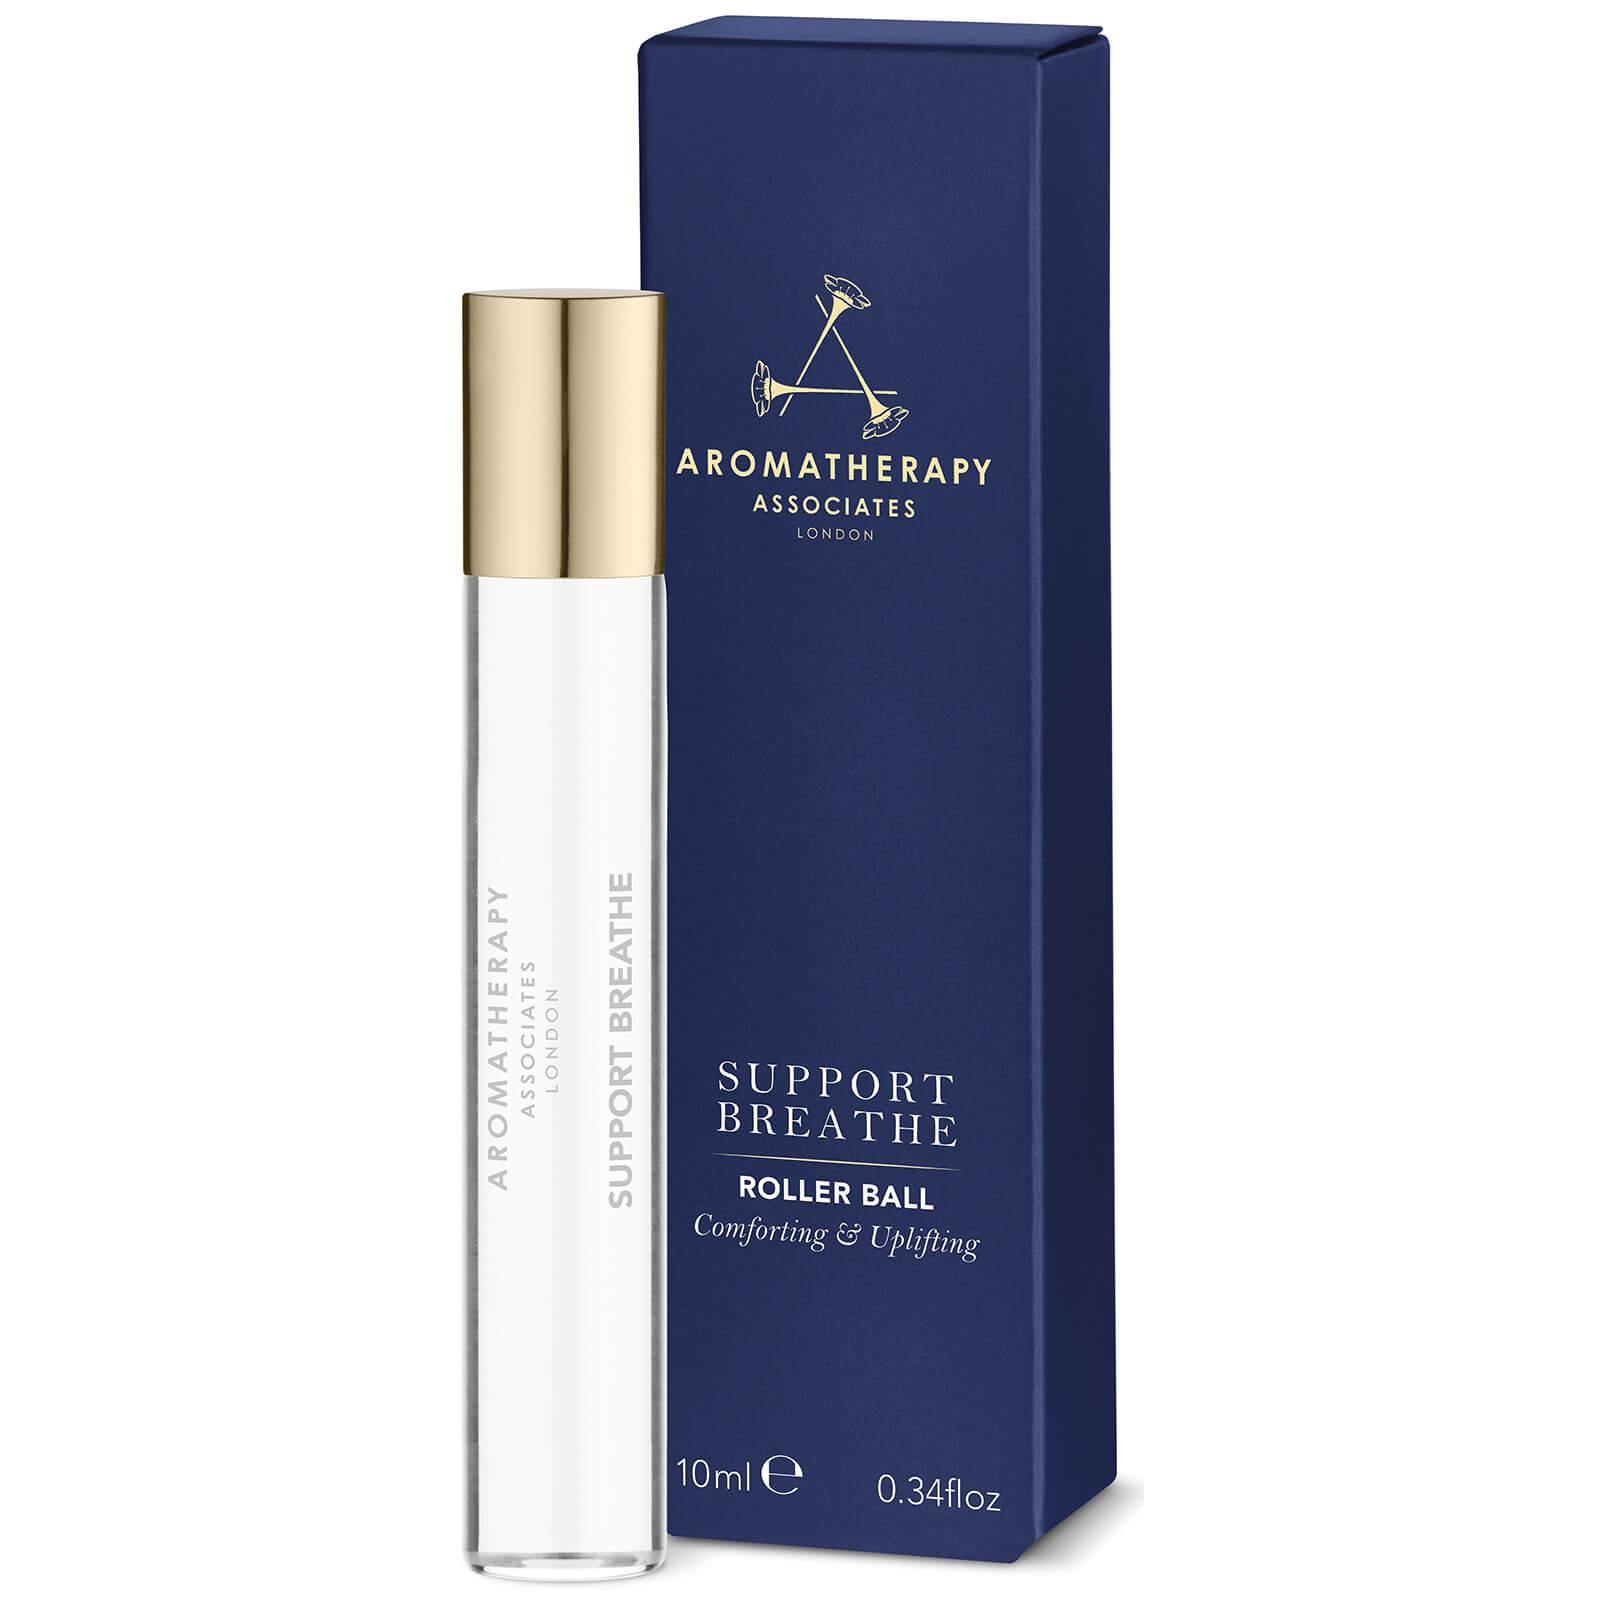 Купить Шариковое парфюмерное средство для облегчения дыхания Aromatherapy Associates Support Breathe Roller Ball 10 мл